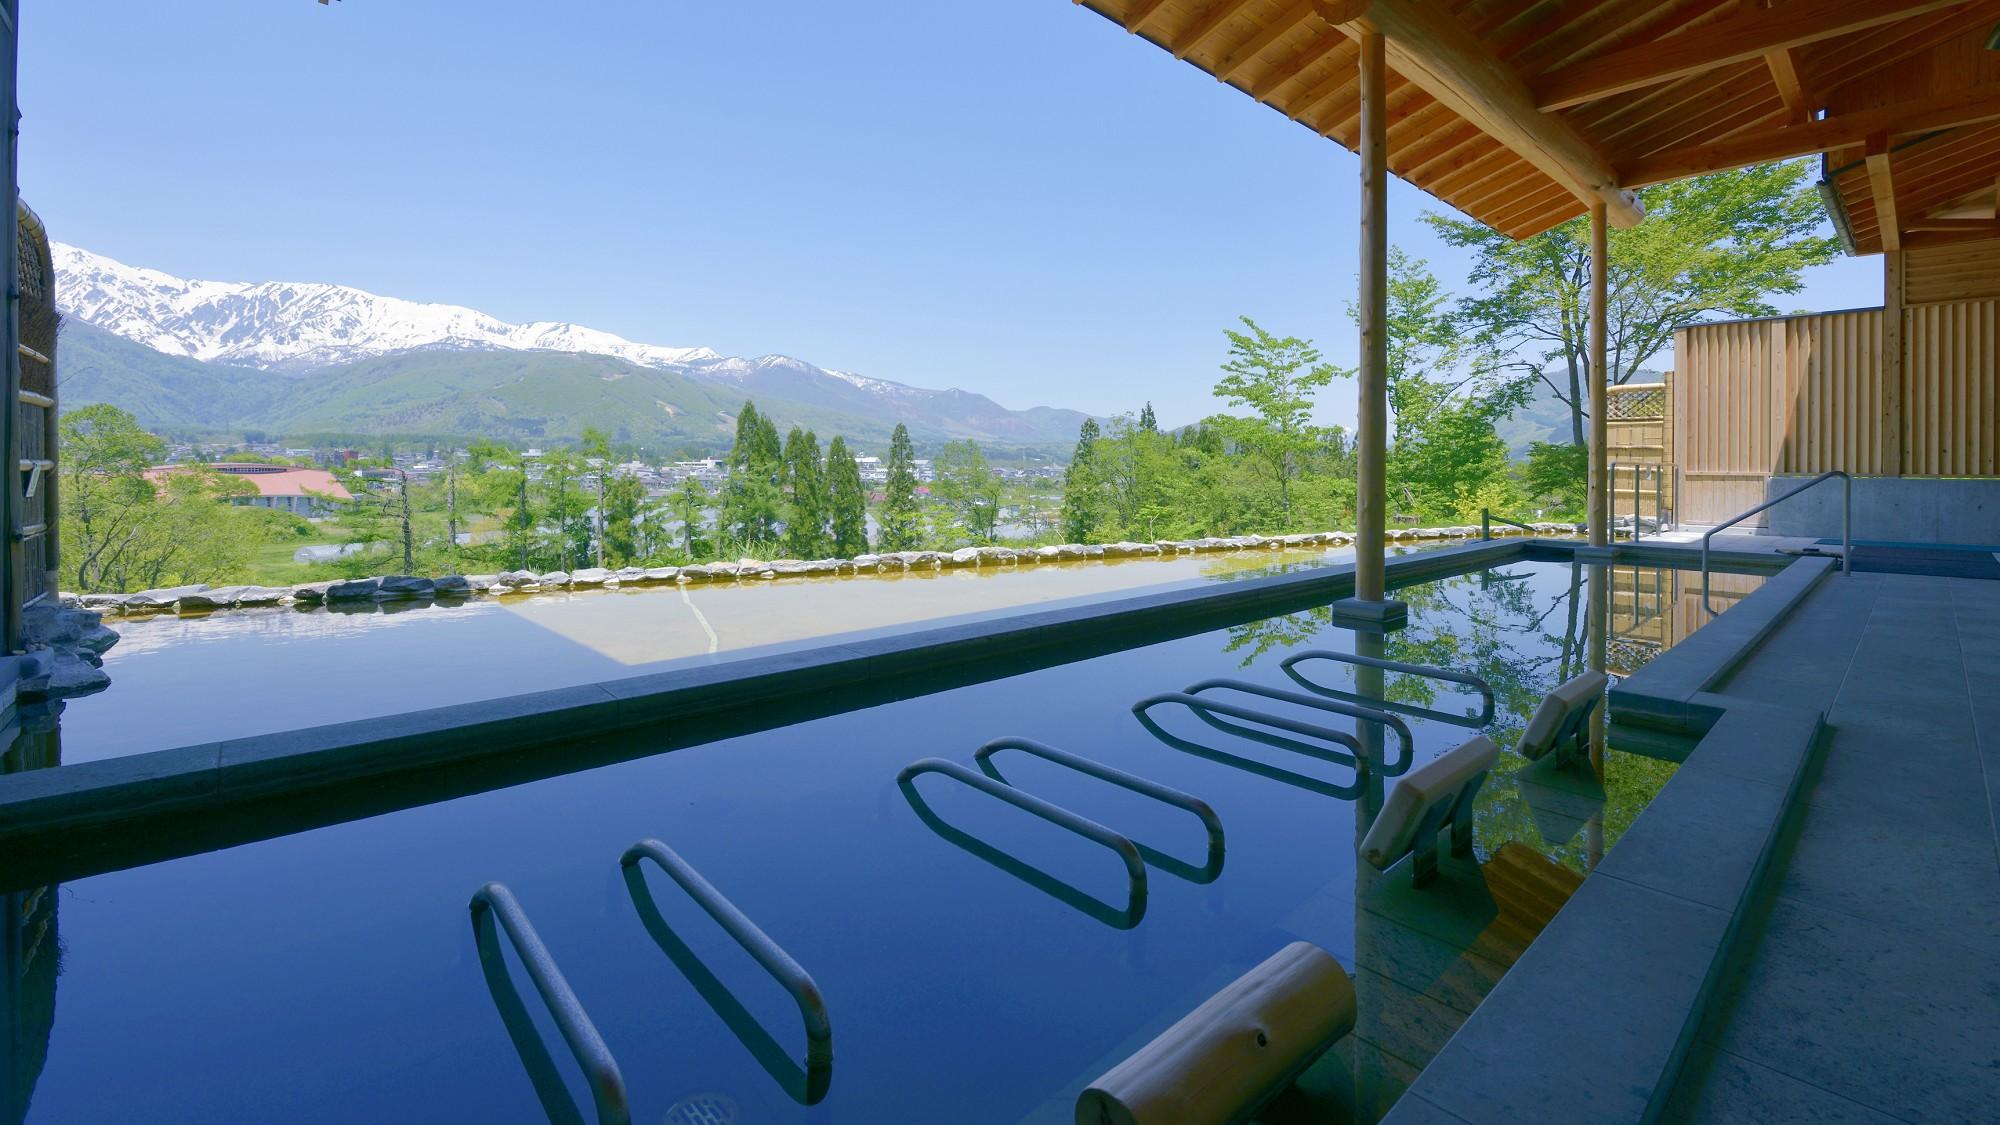 【わらび平の湯】2種類のお風呂は時間により男女入れ替え制です。